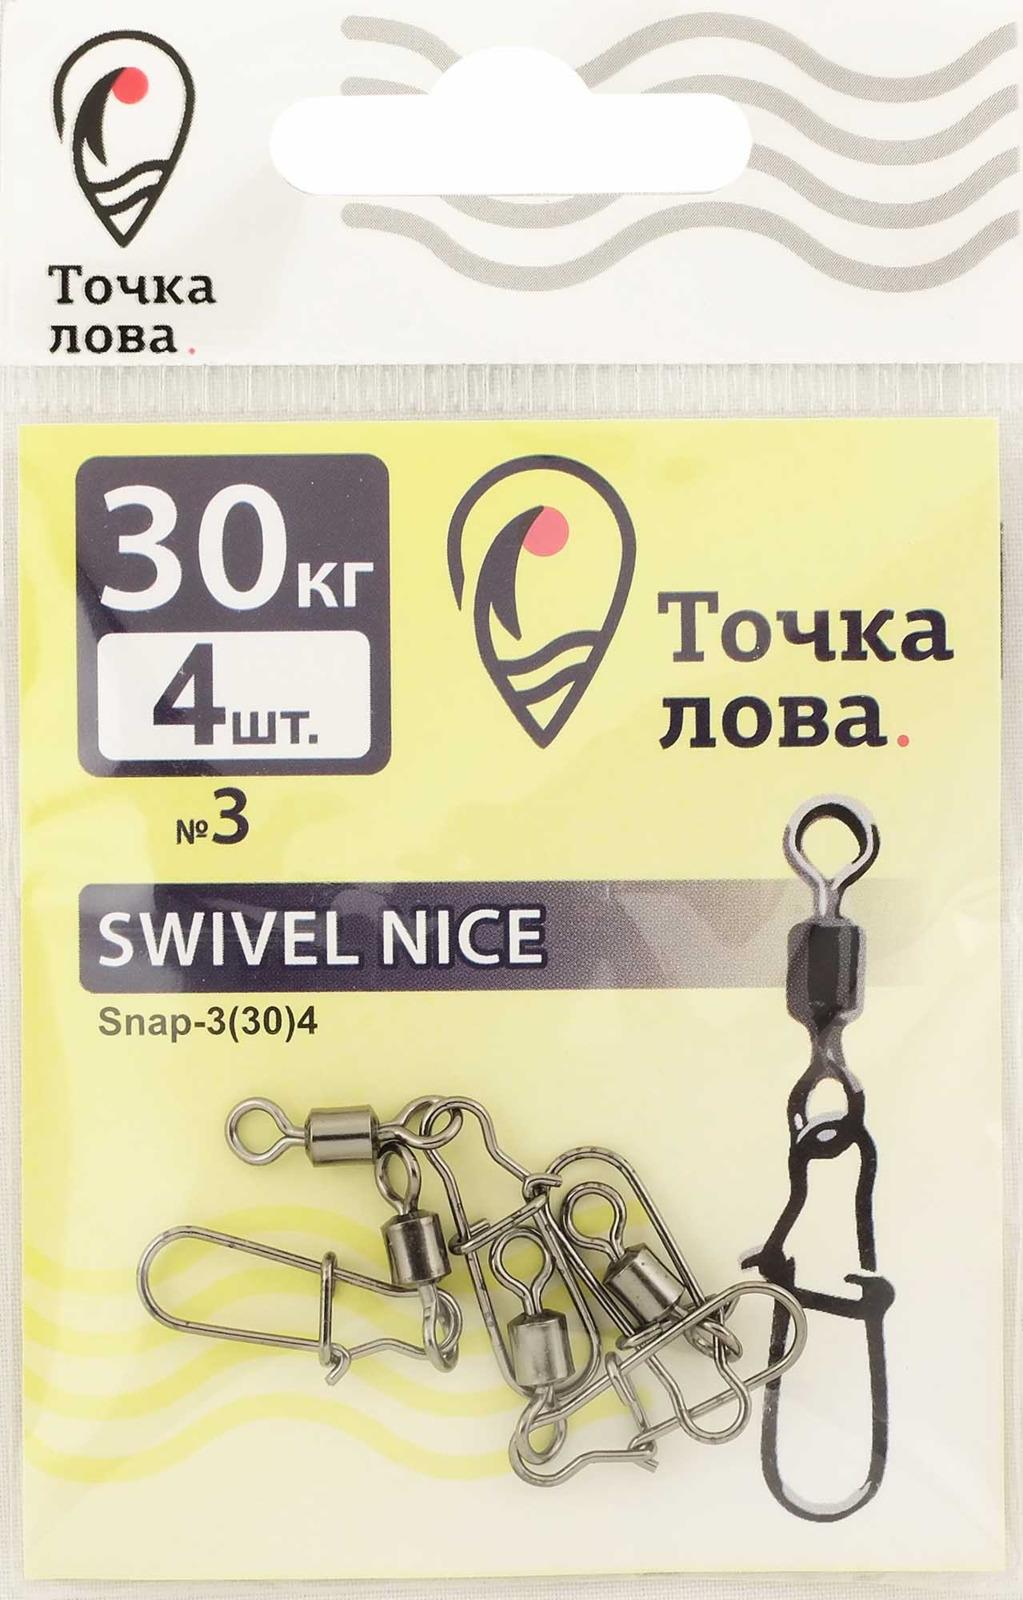 Аксессуар для рыбалки Точка Лова Застежка, с вертлюгом, Snap-3(30), 4 шт